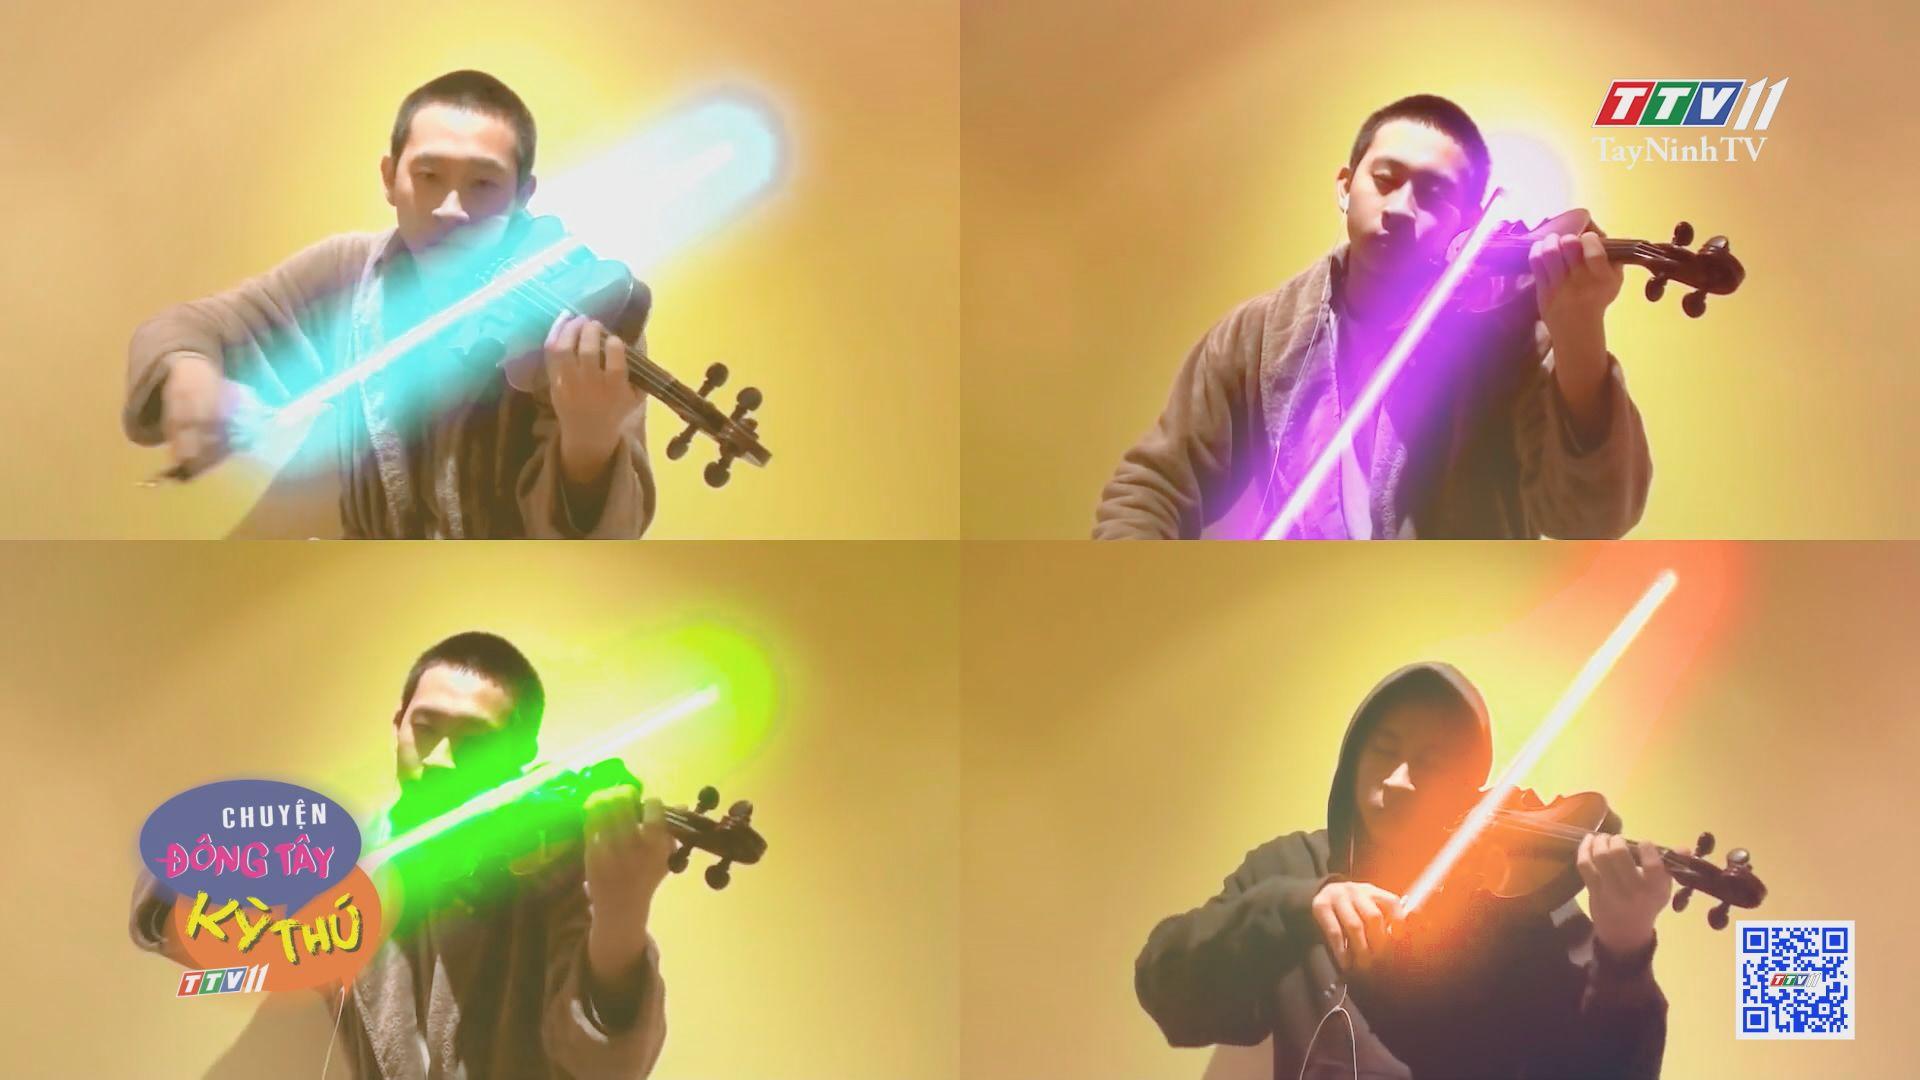 Chơi đàn violin bằng thanh kiếm ánh sáng trong phim star wars | CHUYỆN ĐÔNG TÂY KY THÚ | TayNinhTV